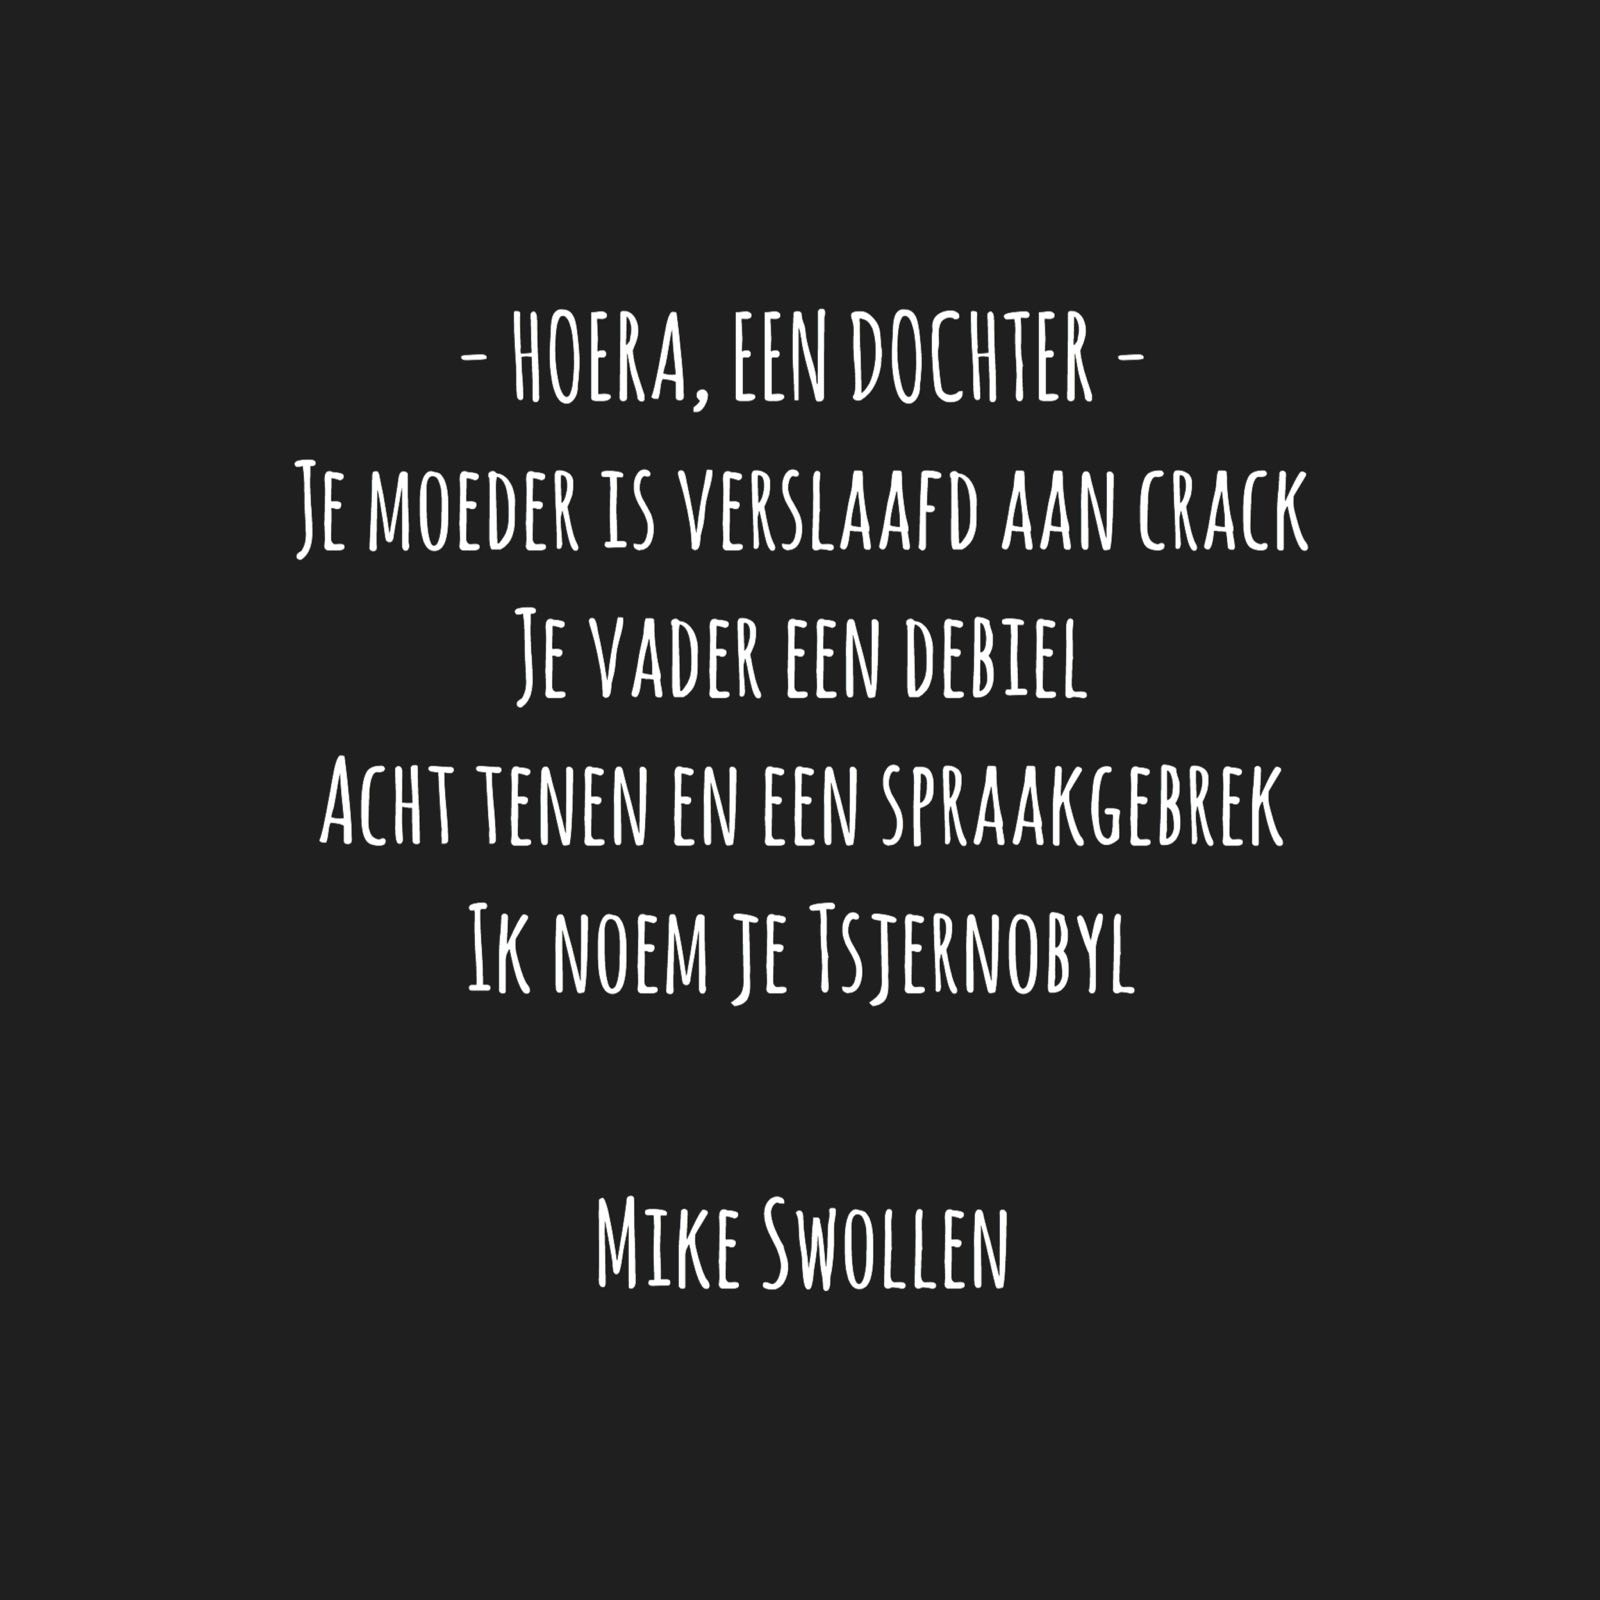 Swollinski gedicht Hoera, een dochter